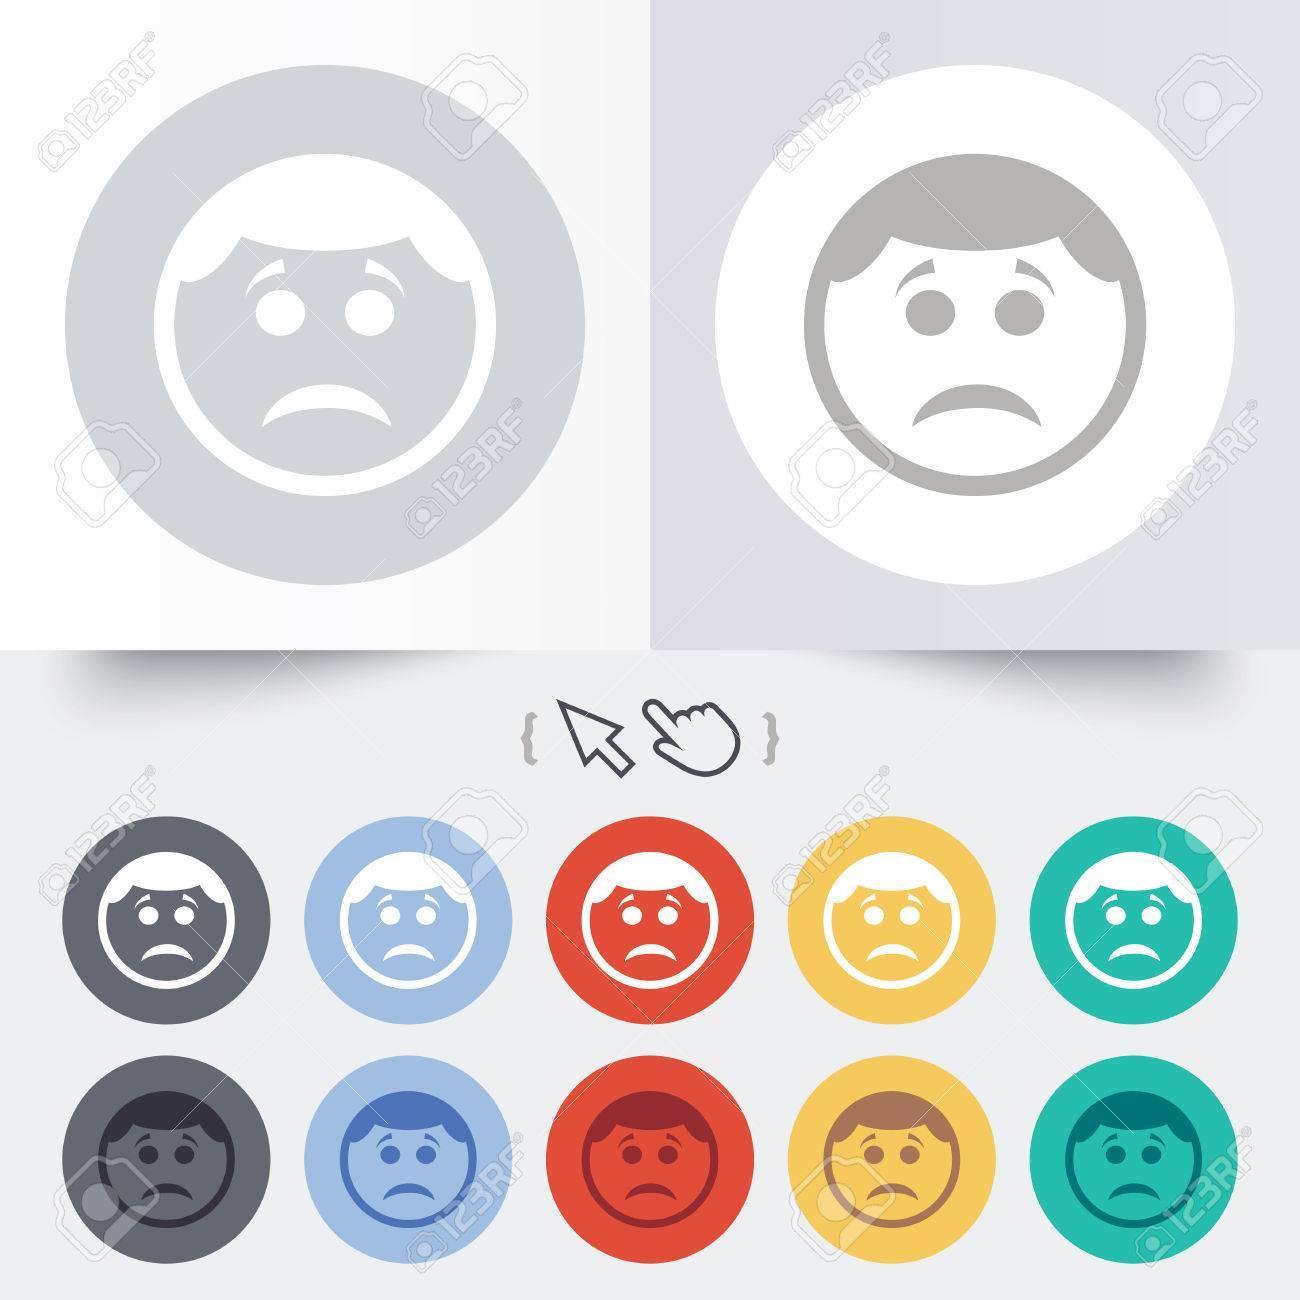 Foto de archivo , Triste signo icono cara. Tristeza símbolo depresión de  chat. Ronda de 12 botones de círculo. Sombra. Puntero del cursor de la mano.